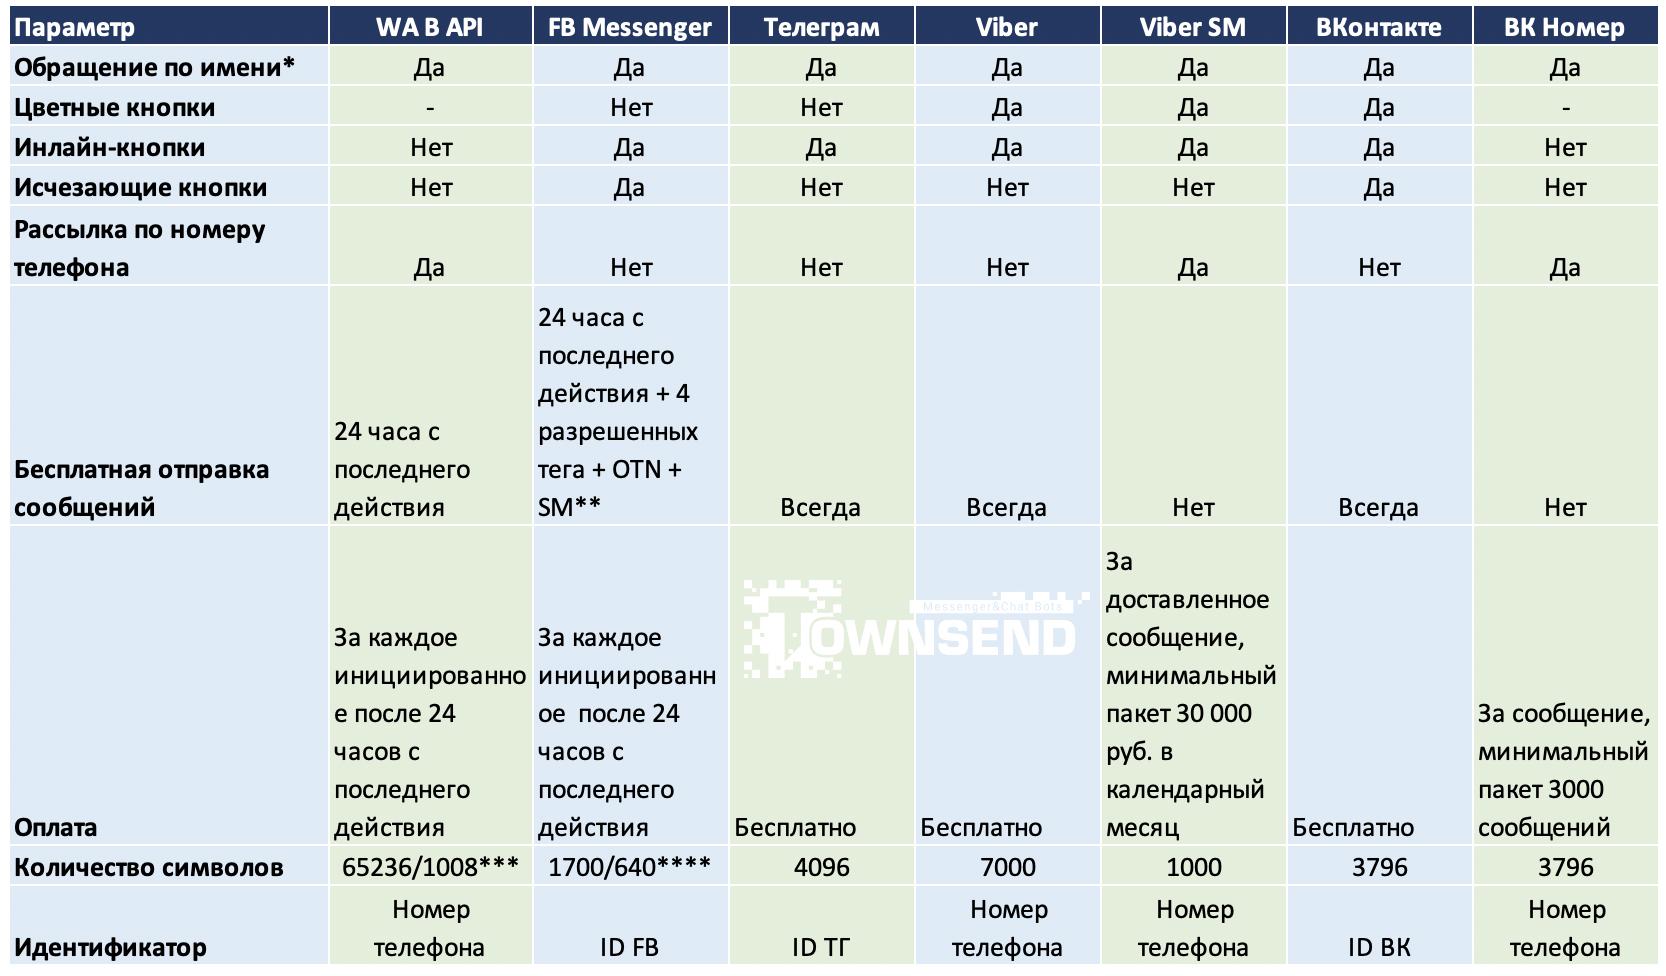 Основные параметры мессенджеров